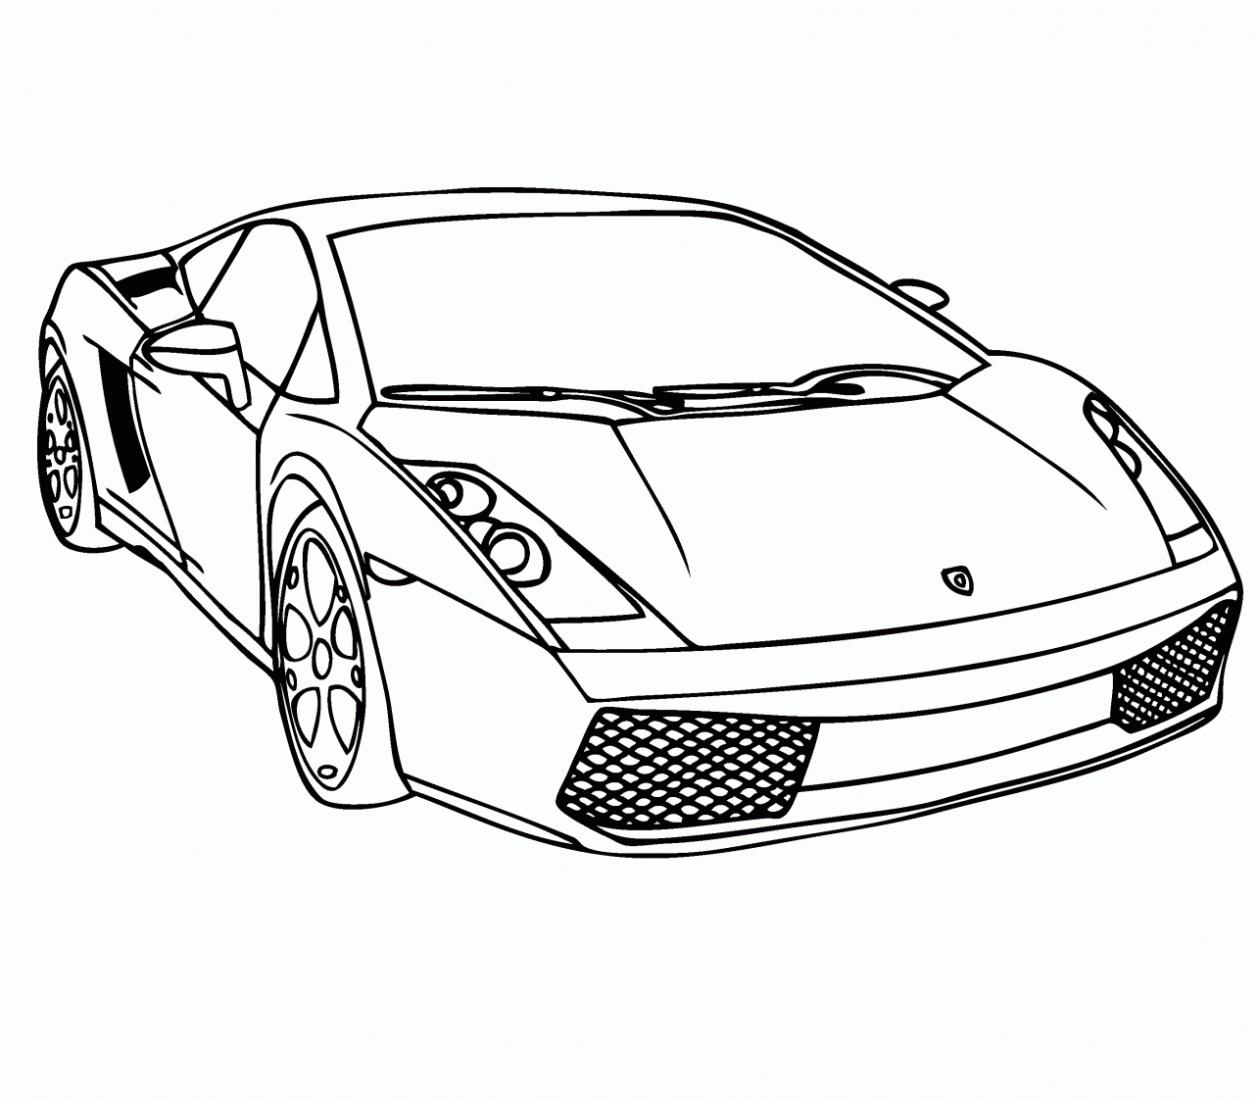 Rennauto Lamborghini Malvorlagen Für Kinder Vbs Pinterest Cars